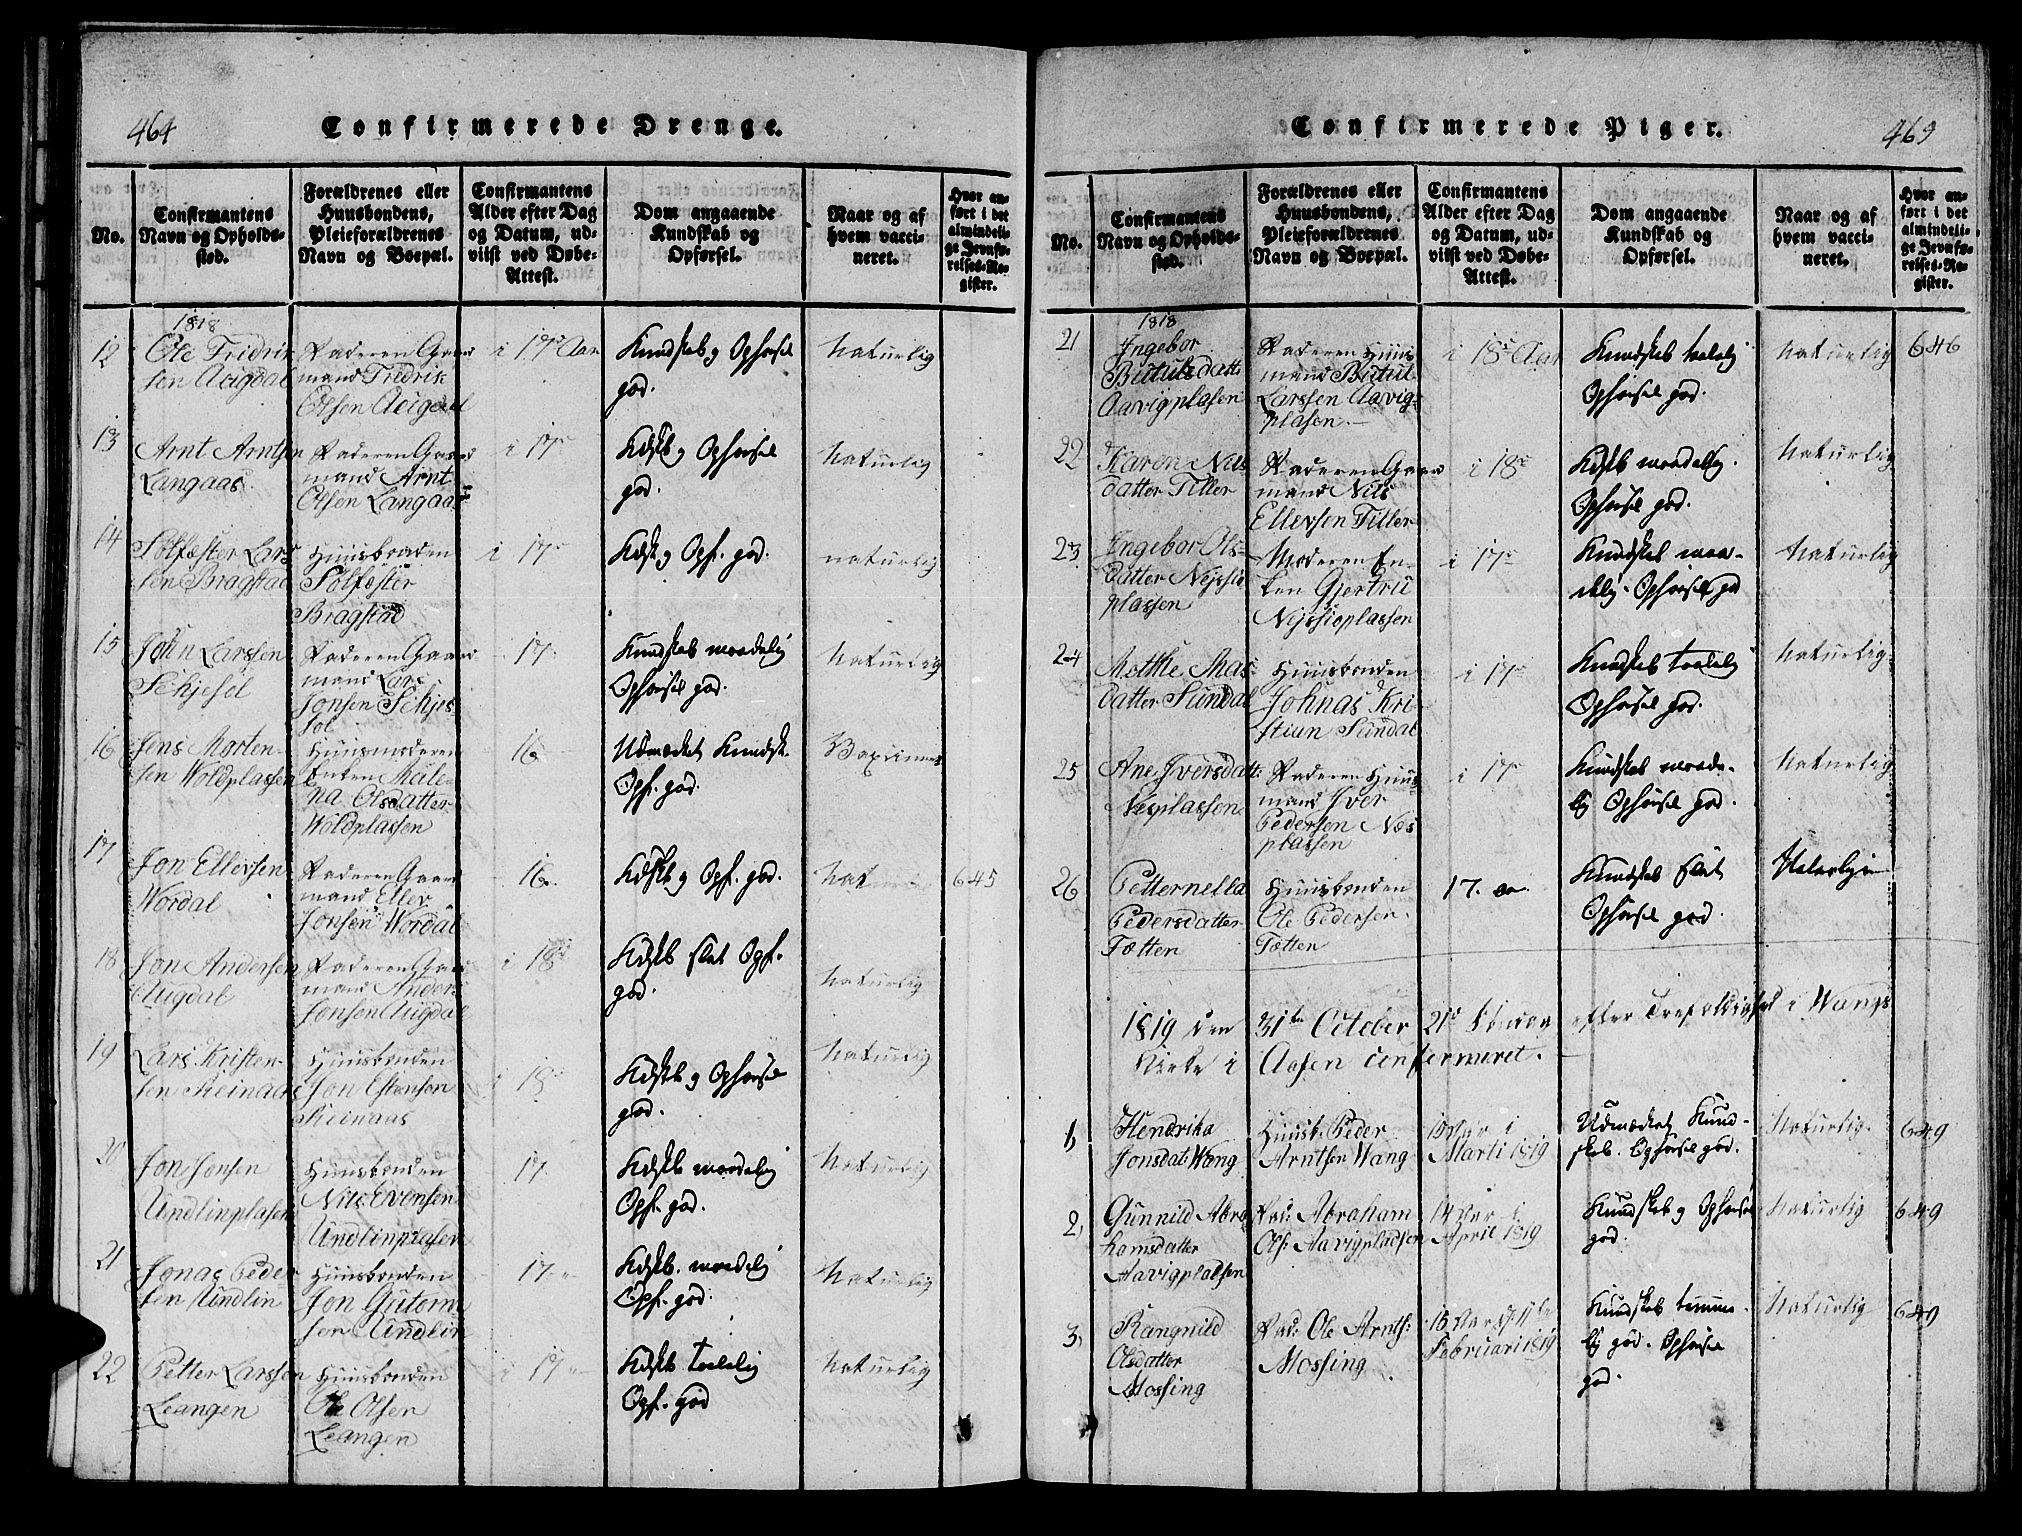 SAT, Ministerialprotokoller, klokkerbøker og fødselsregistre - Nord-Trøndelag, 714/L0132: Klokkerbok nr. 714C01, 1817-1824, s. 464-465